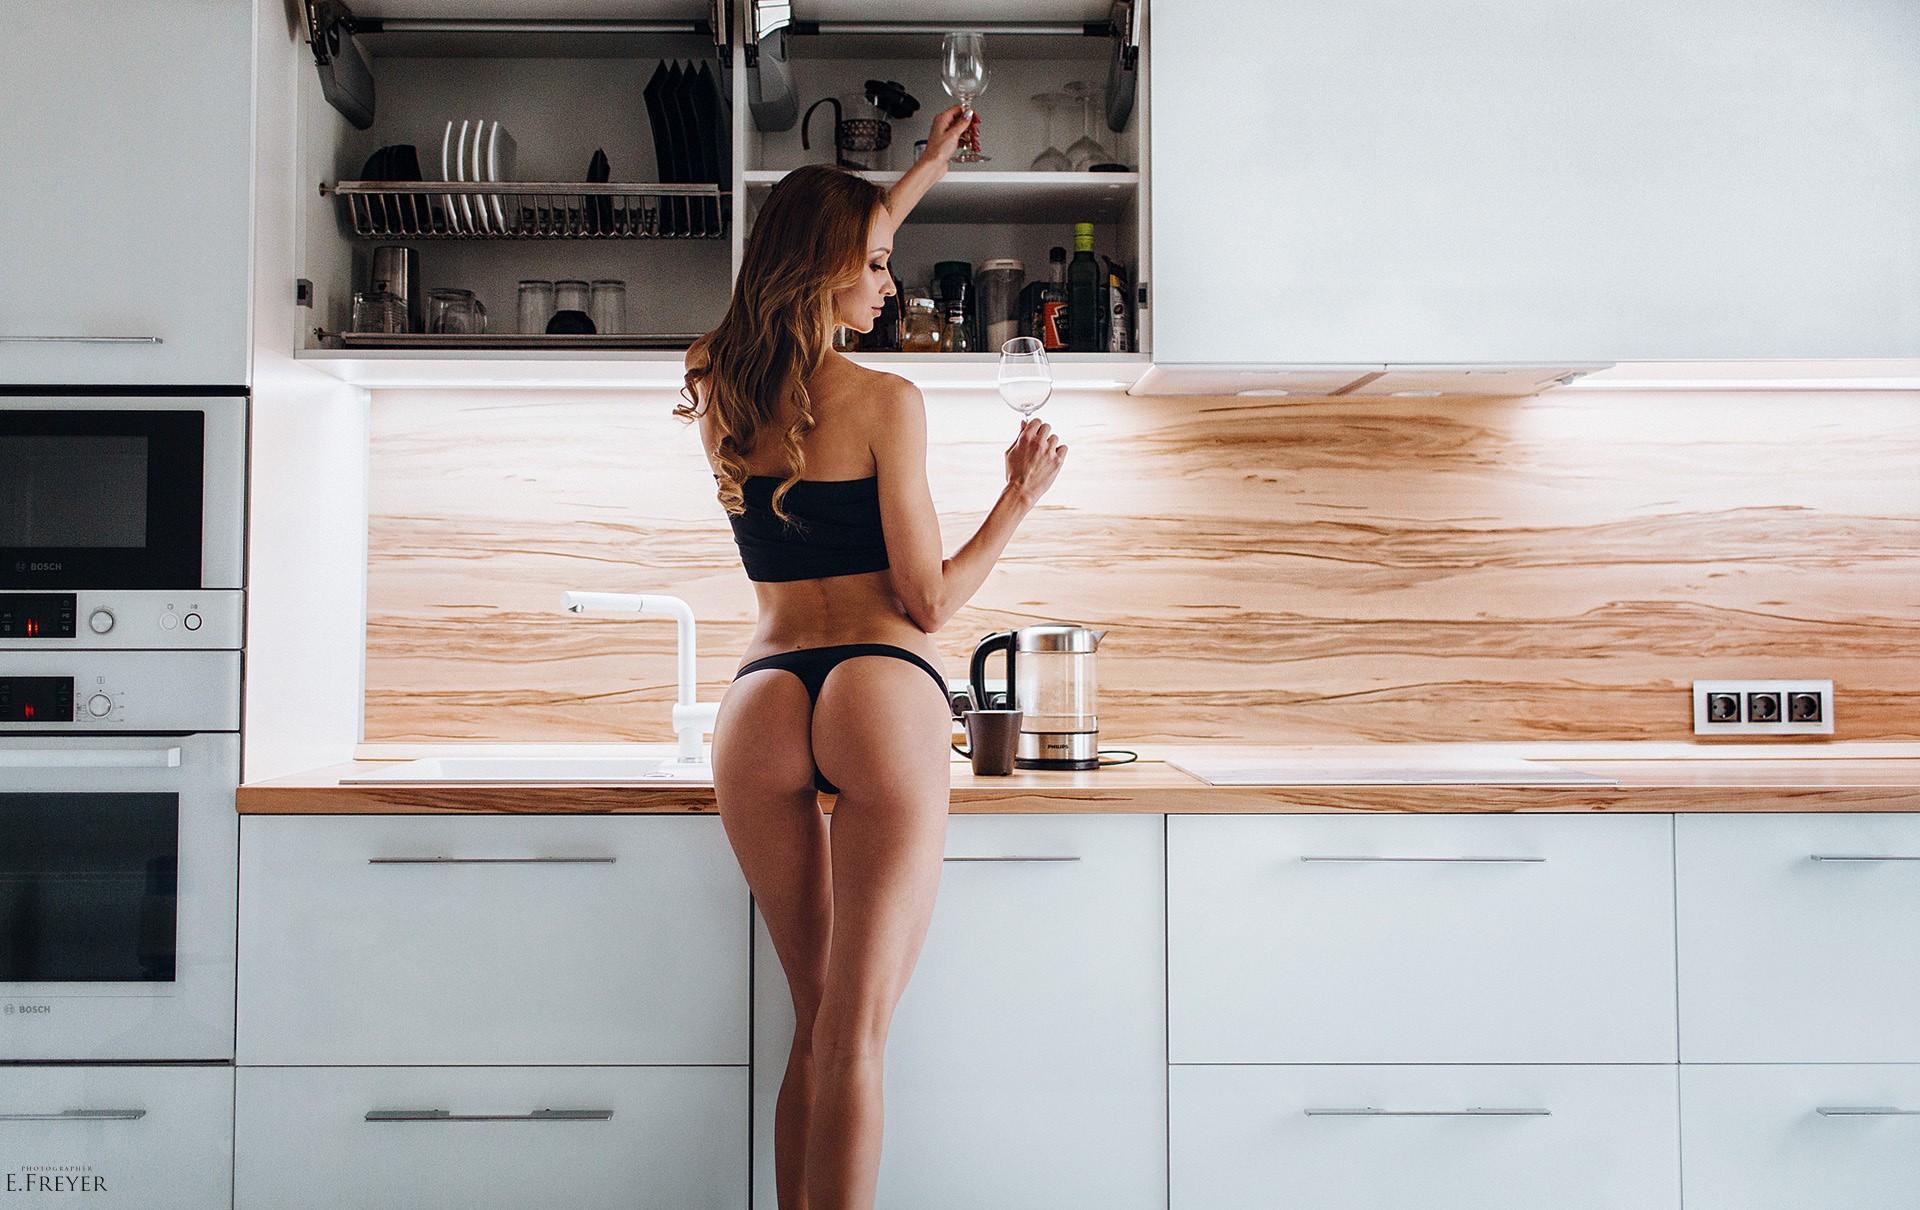 смотреть девушки на каблуках на кухне любой вечеринке